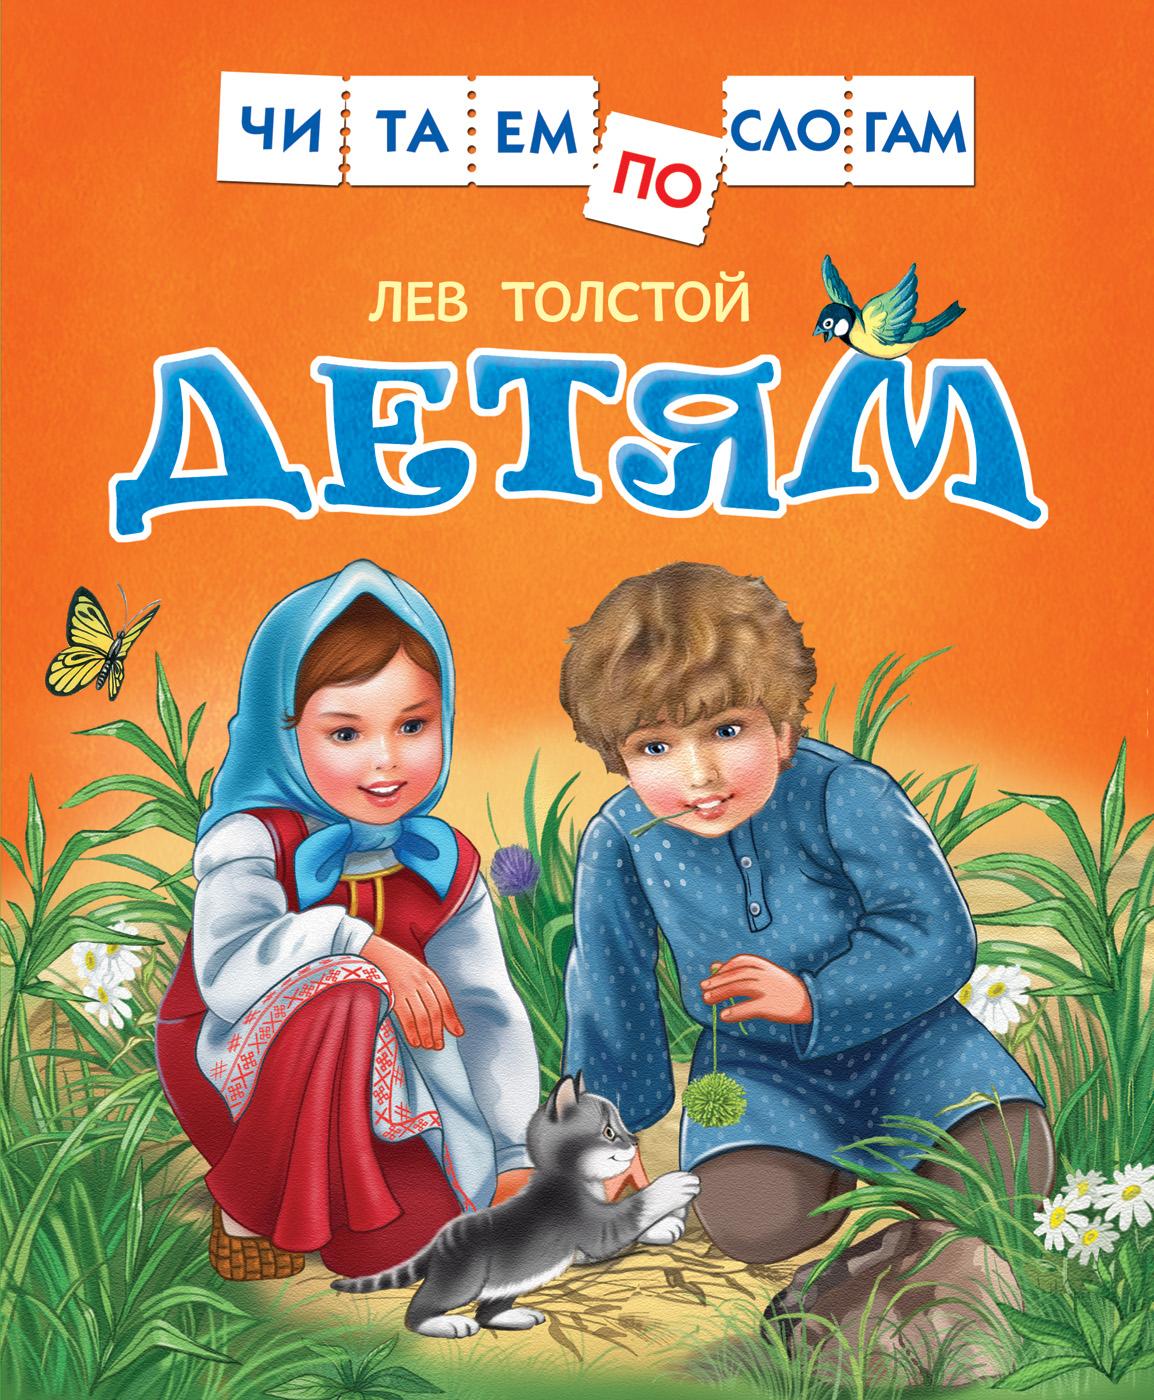 Лев Толстой. Детям